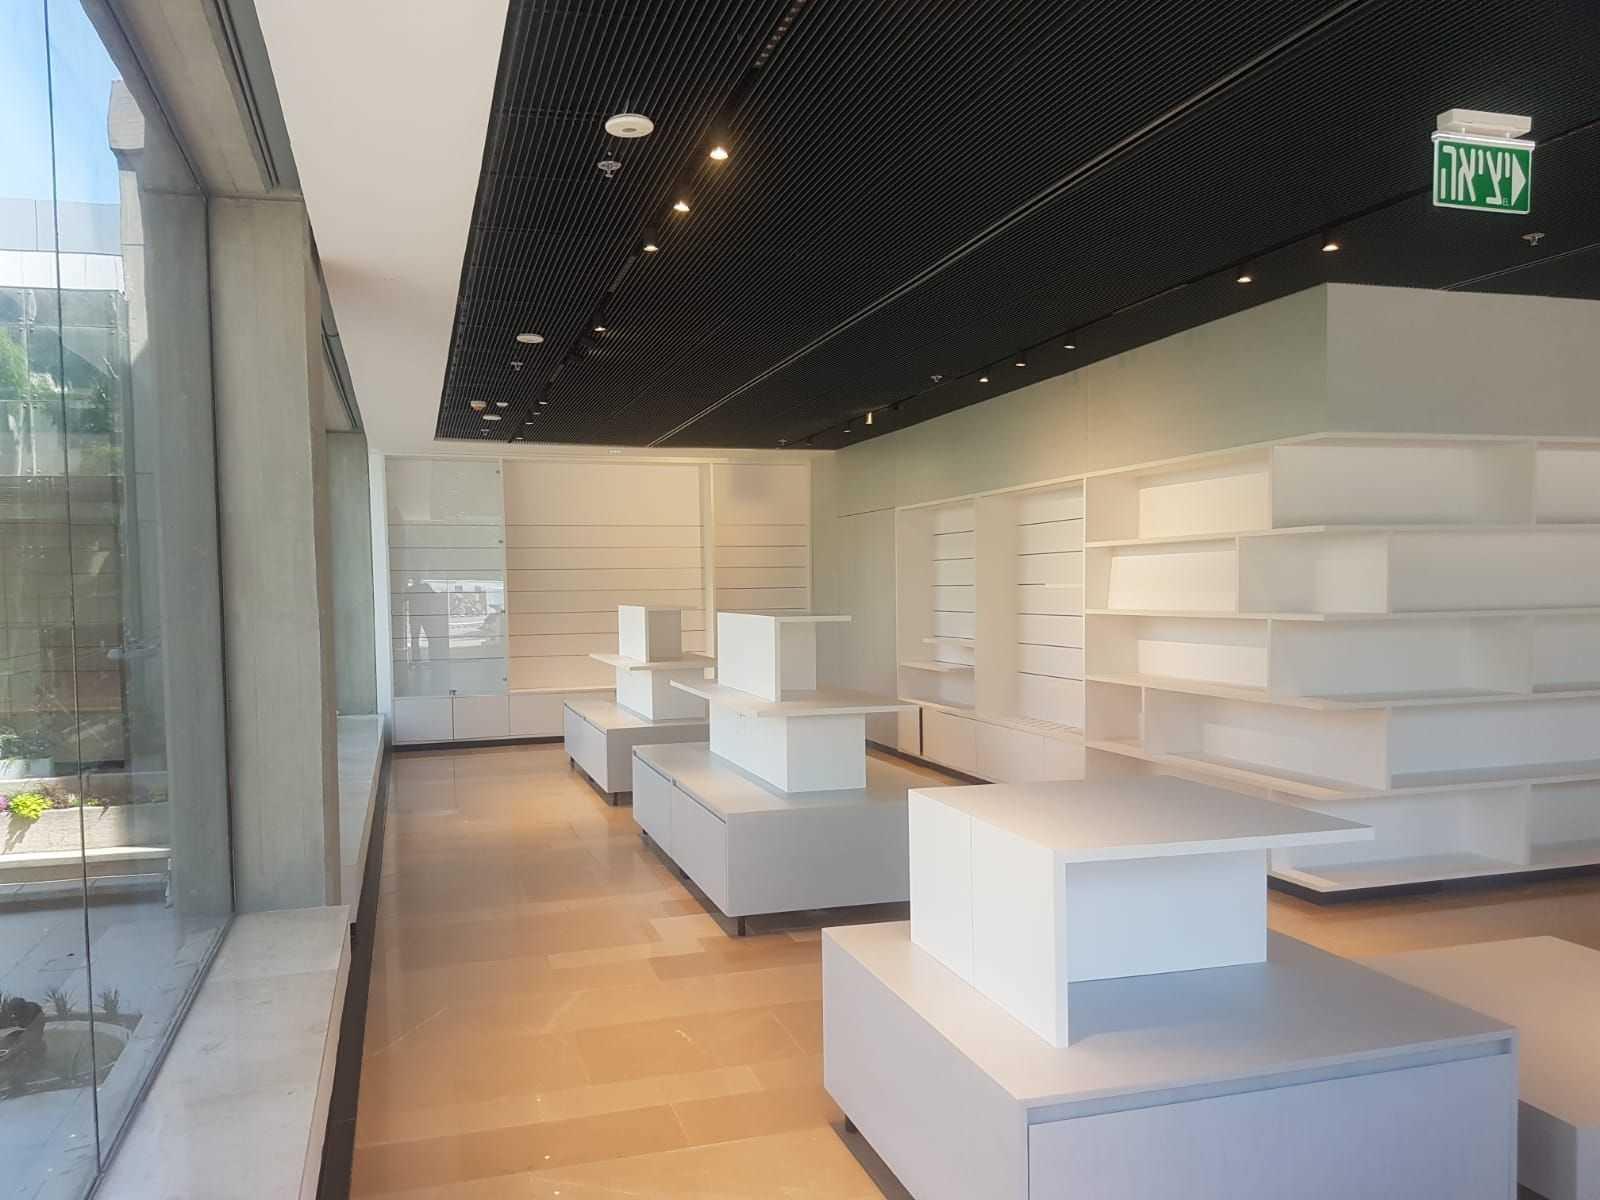 מוזיאון תל אביב לאמנות תמונה מספר 8